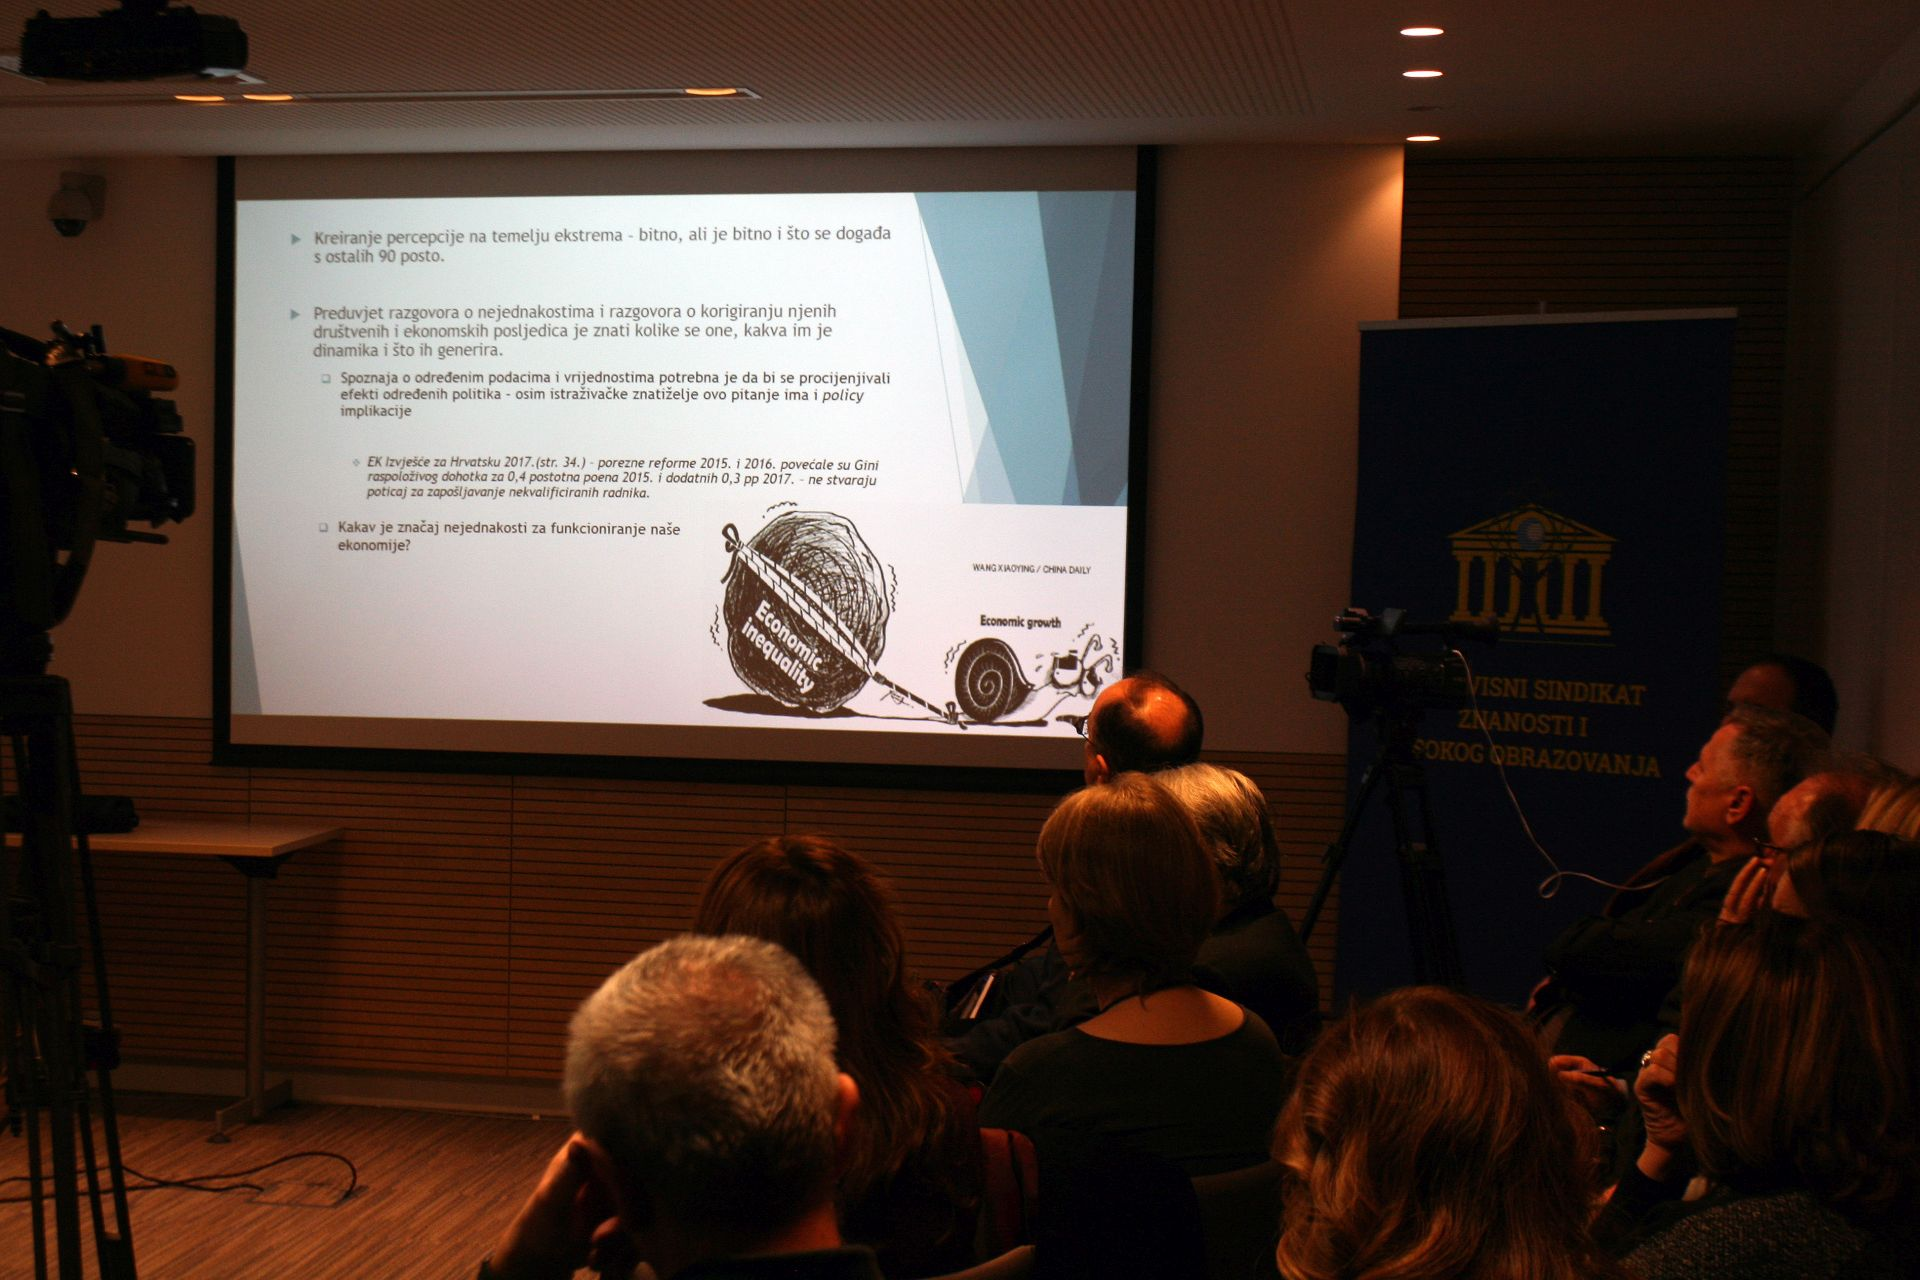 ISTRAŽIVANJE POKAZALO: U Hrvatskoj raste nejednakost plaća